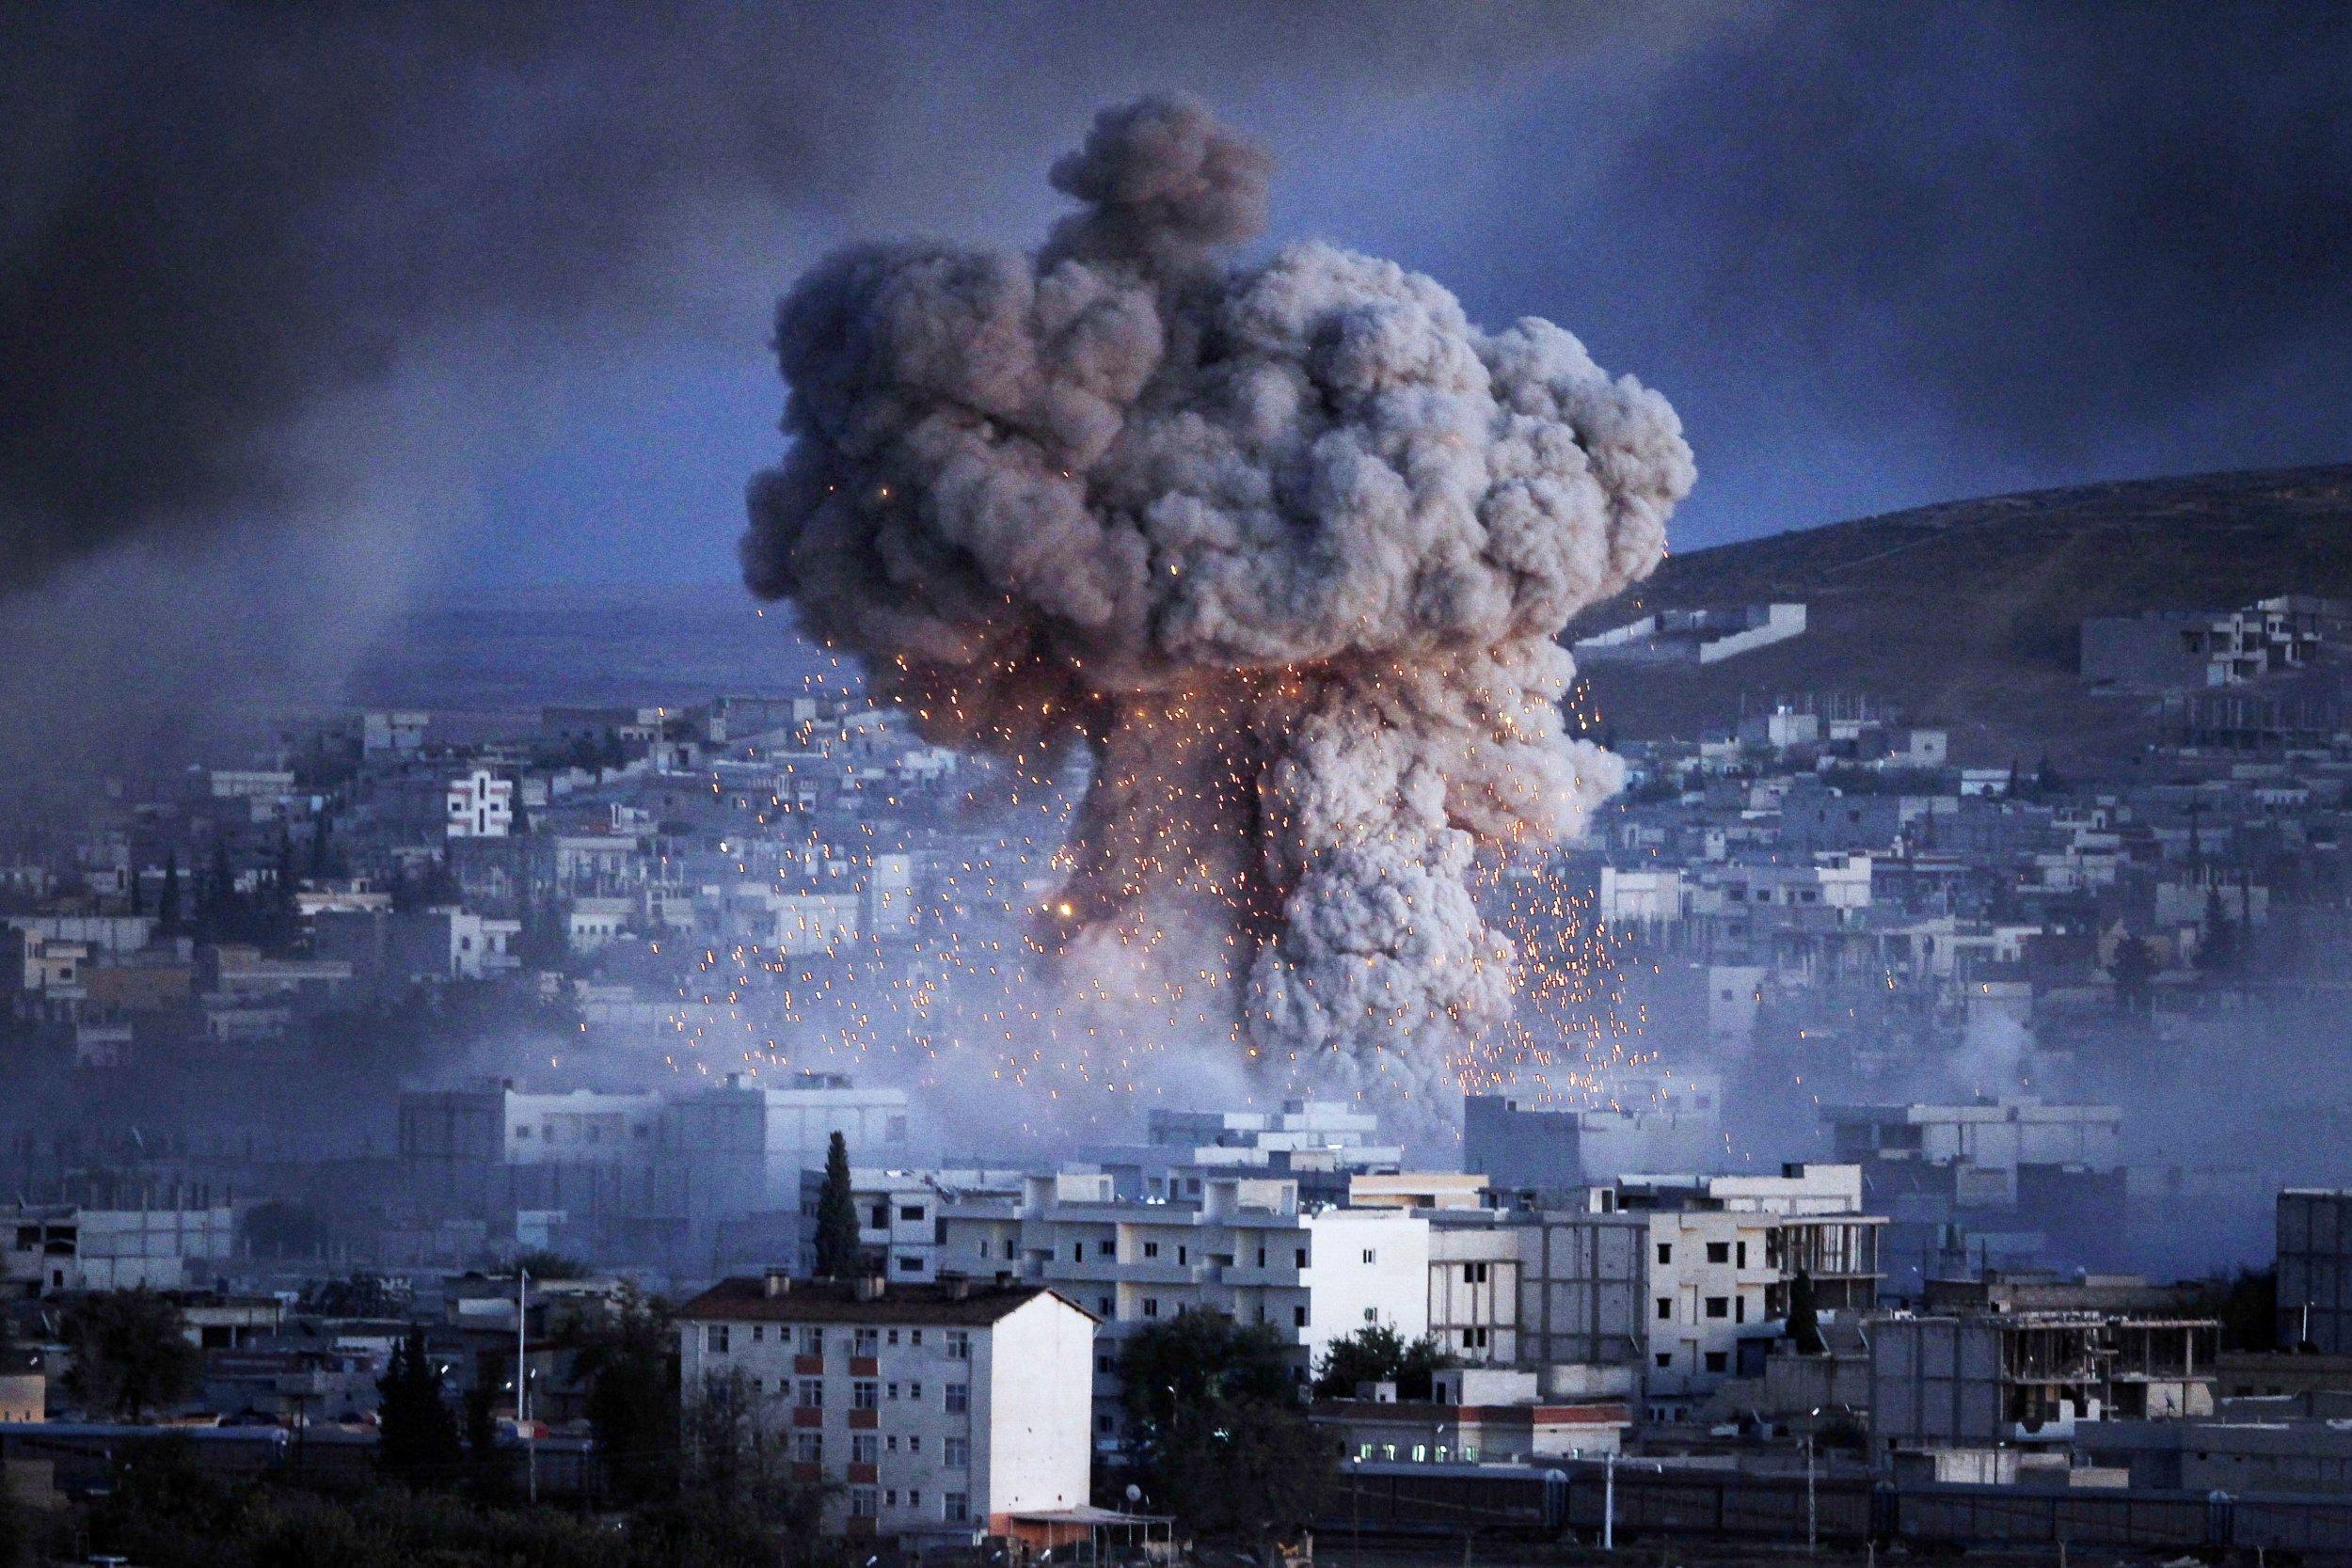 Islamic State Car Bomb in Kobane